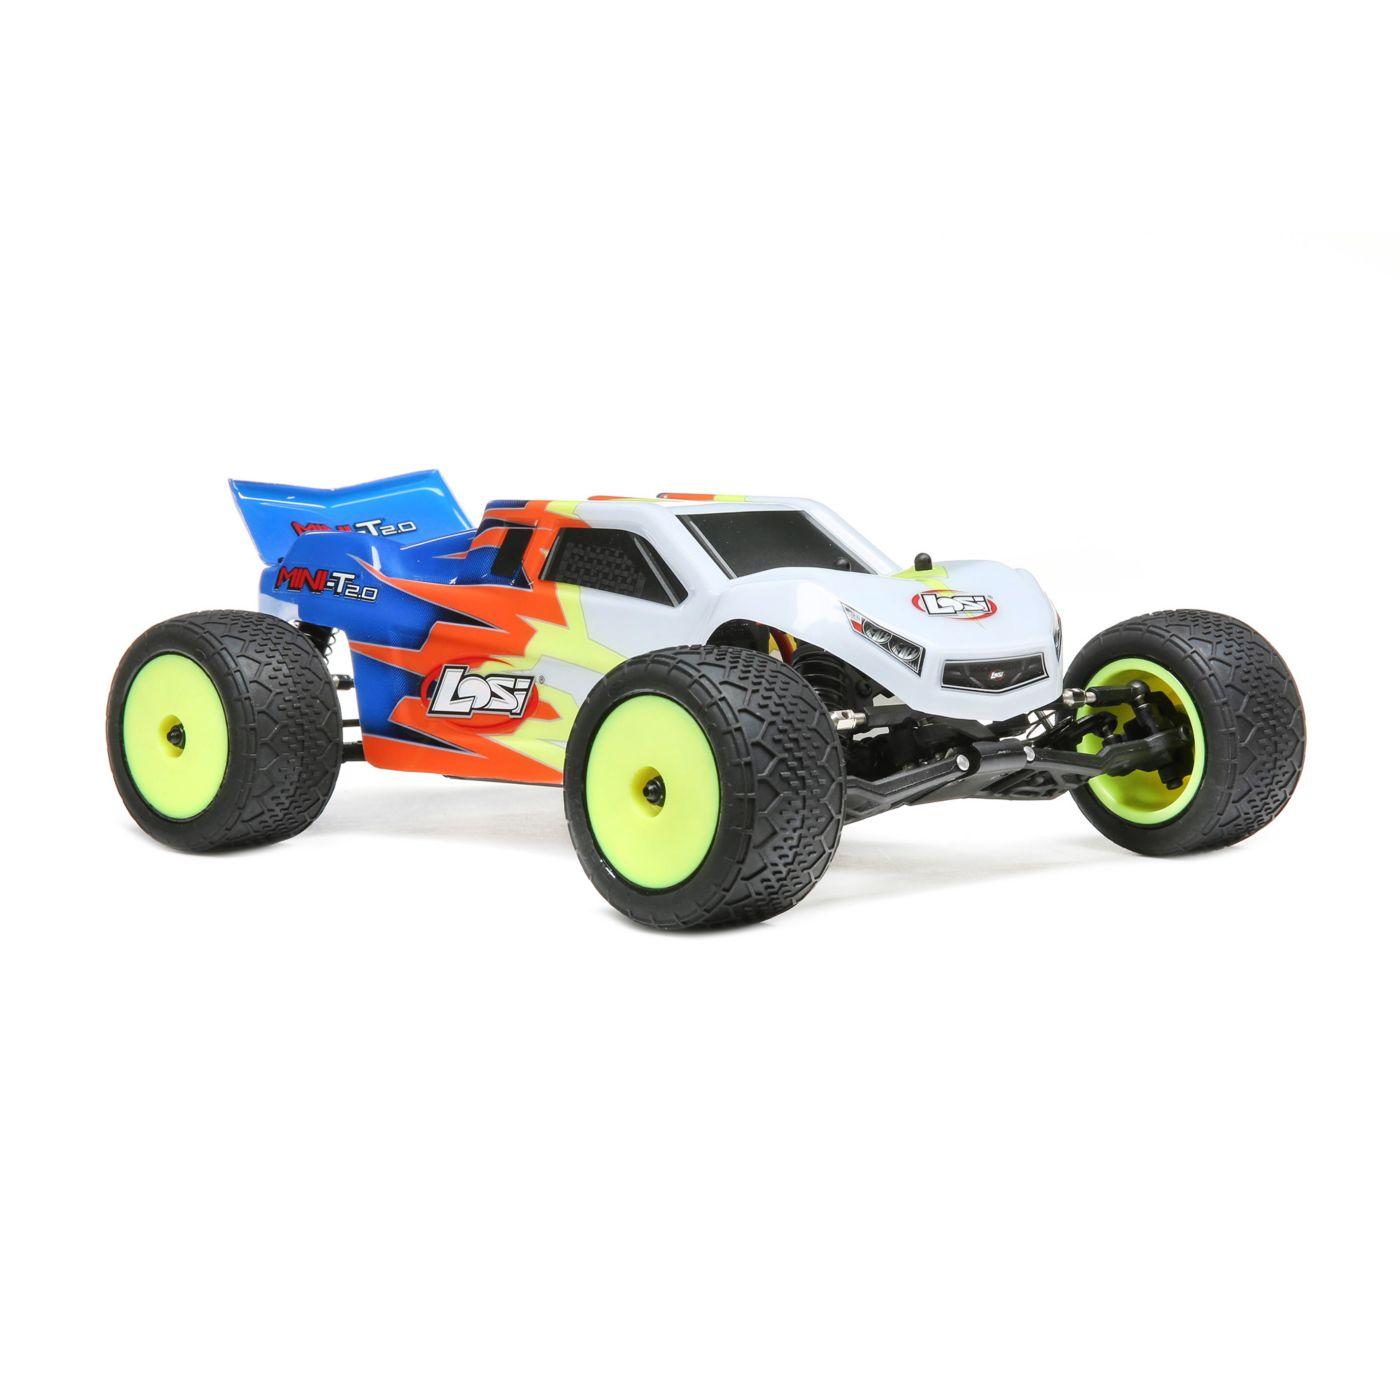 Losi Mini T 2.0 2wd Stadium Truck 1/18 RTR 02